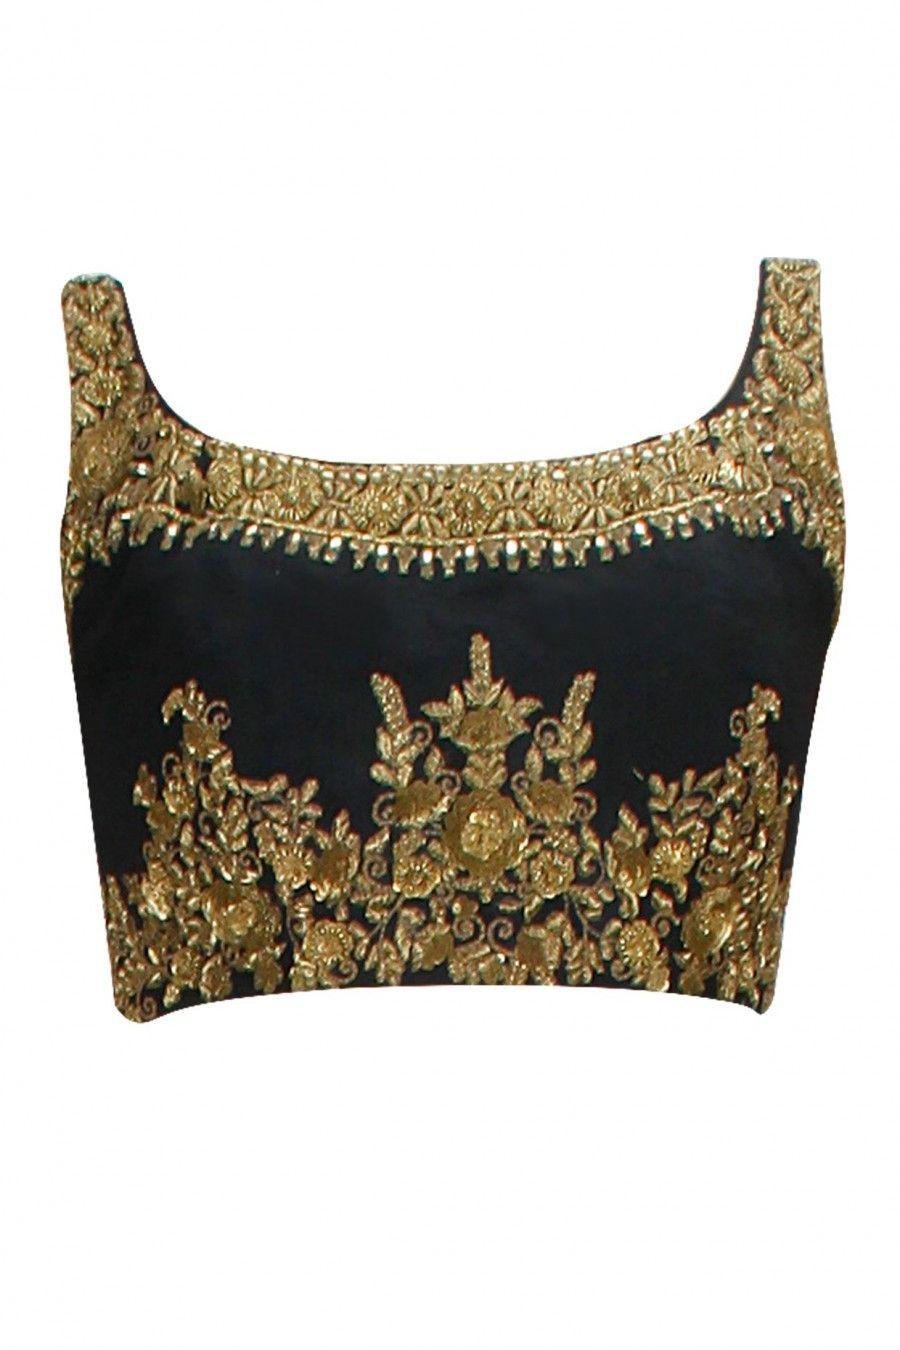 Black velvet Blouse, gold embroidery , ornate , sleeveless